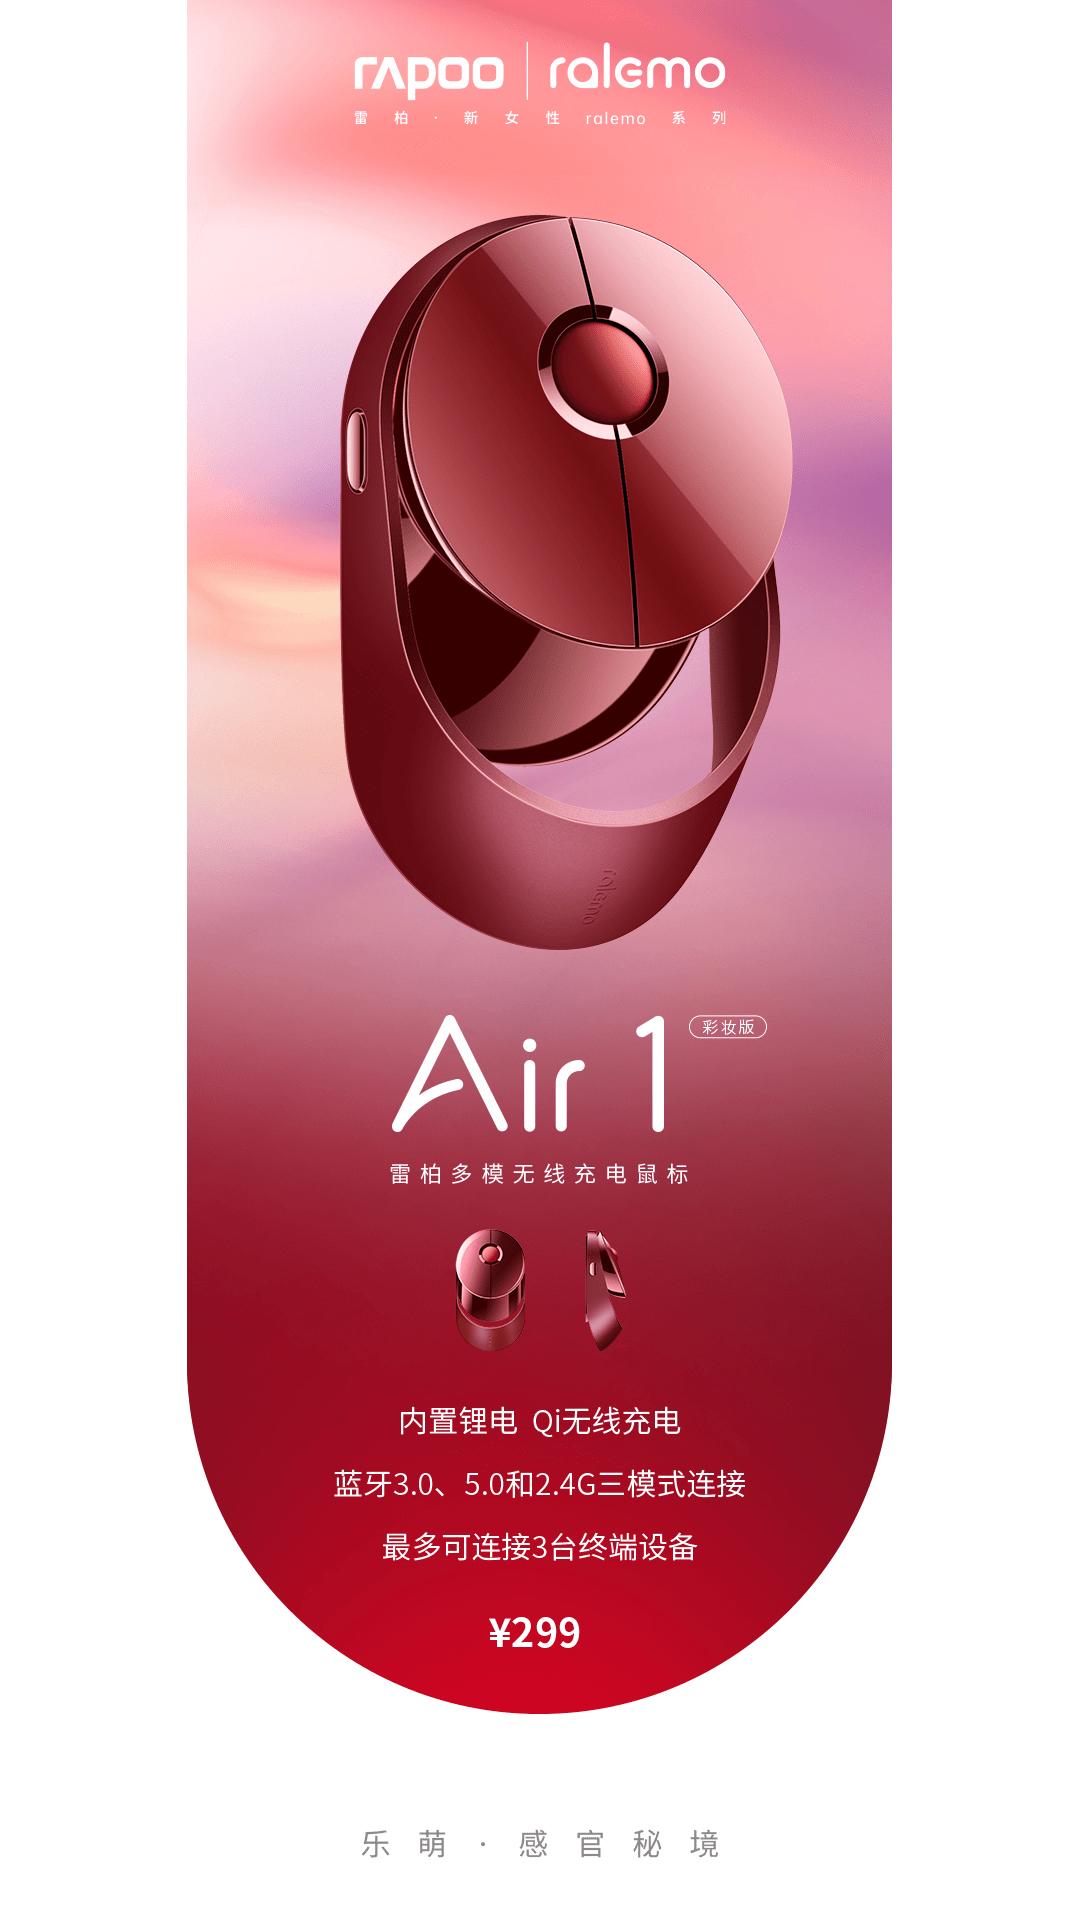 雷柏新女性ralemo Air 1多模无线鼠标彩妆版,惹火酒红高定新妆